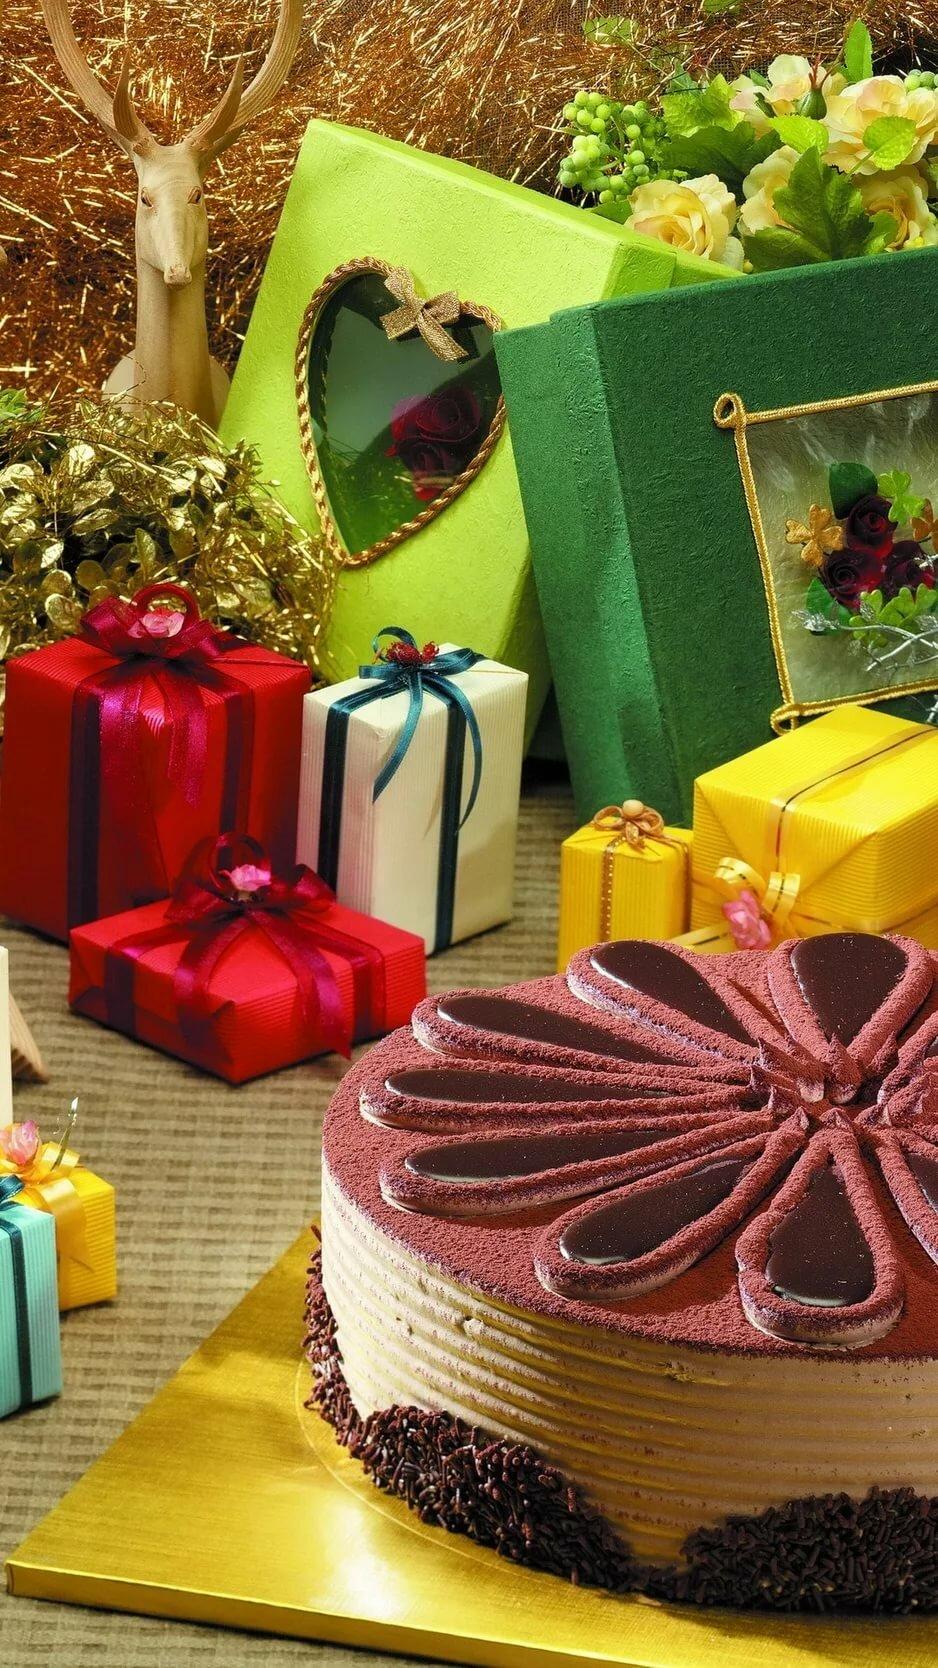 картинки цветы подарки торт гаджеты